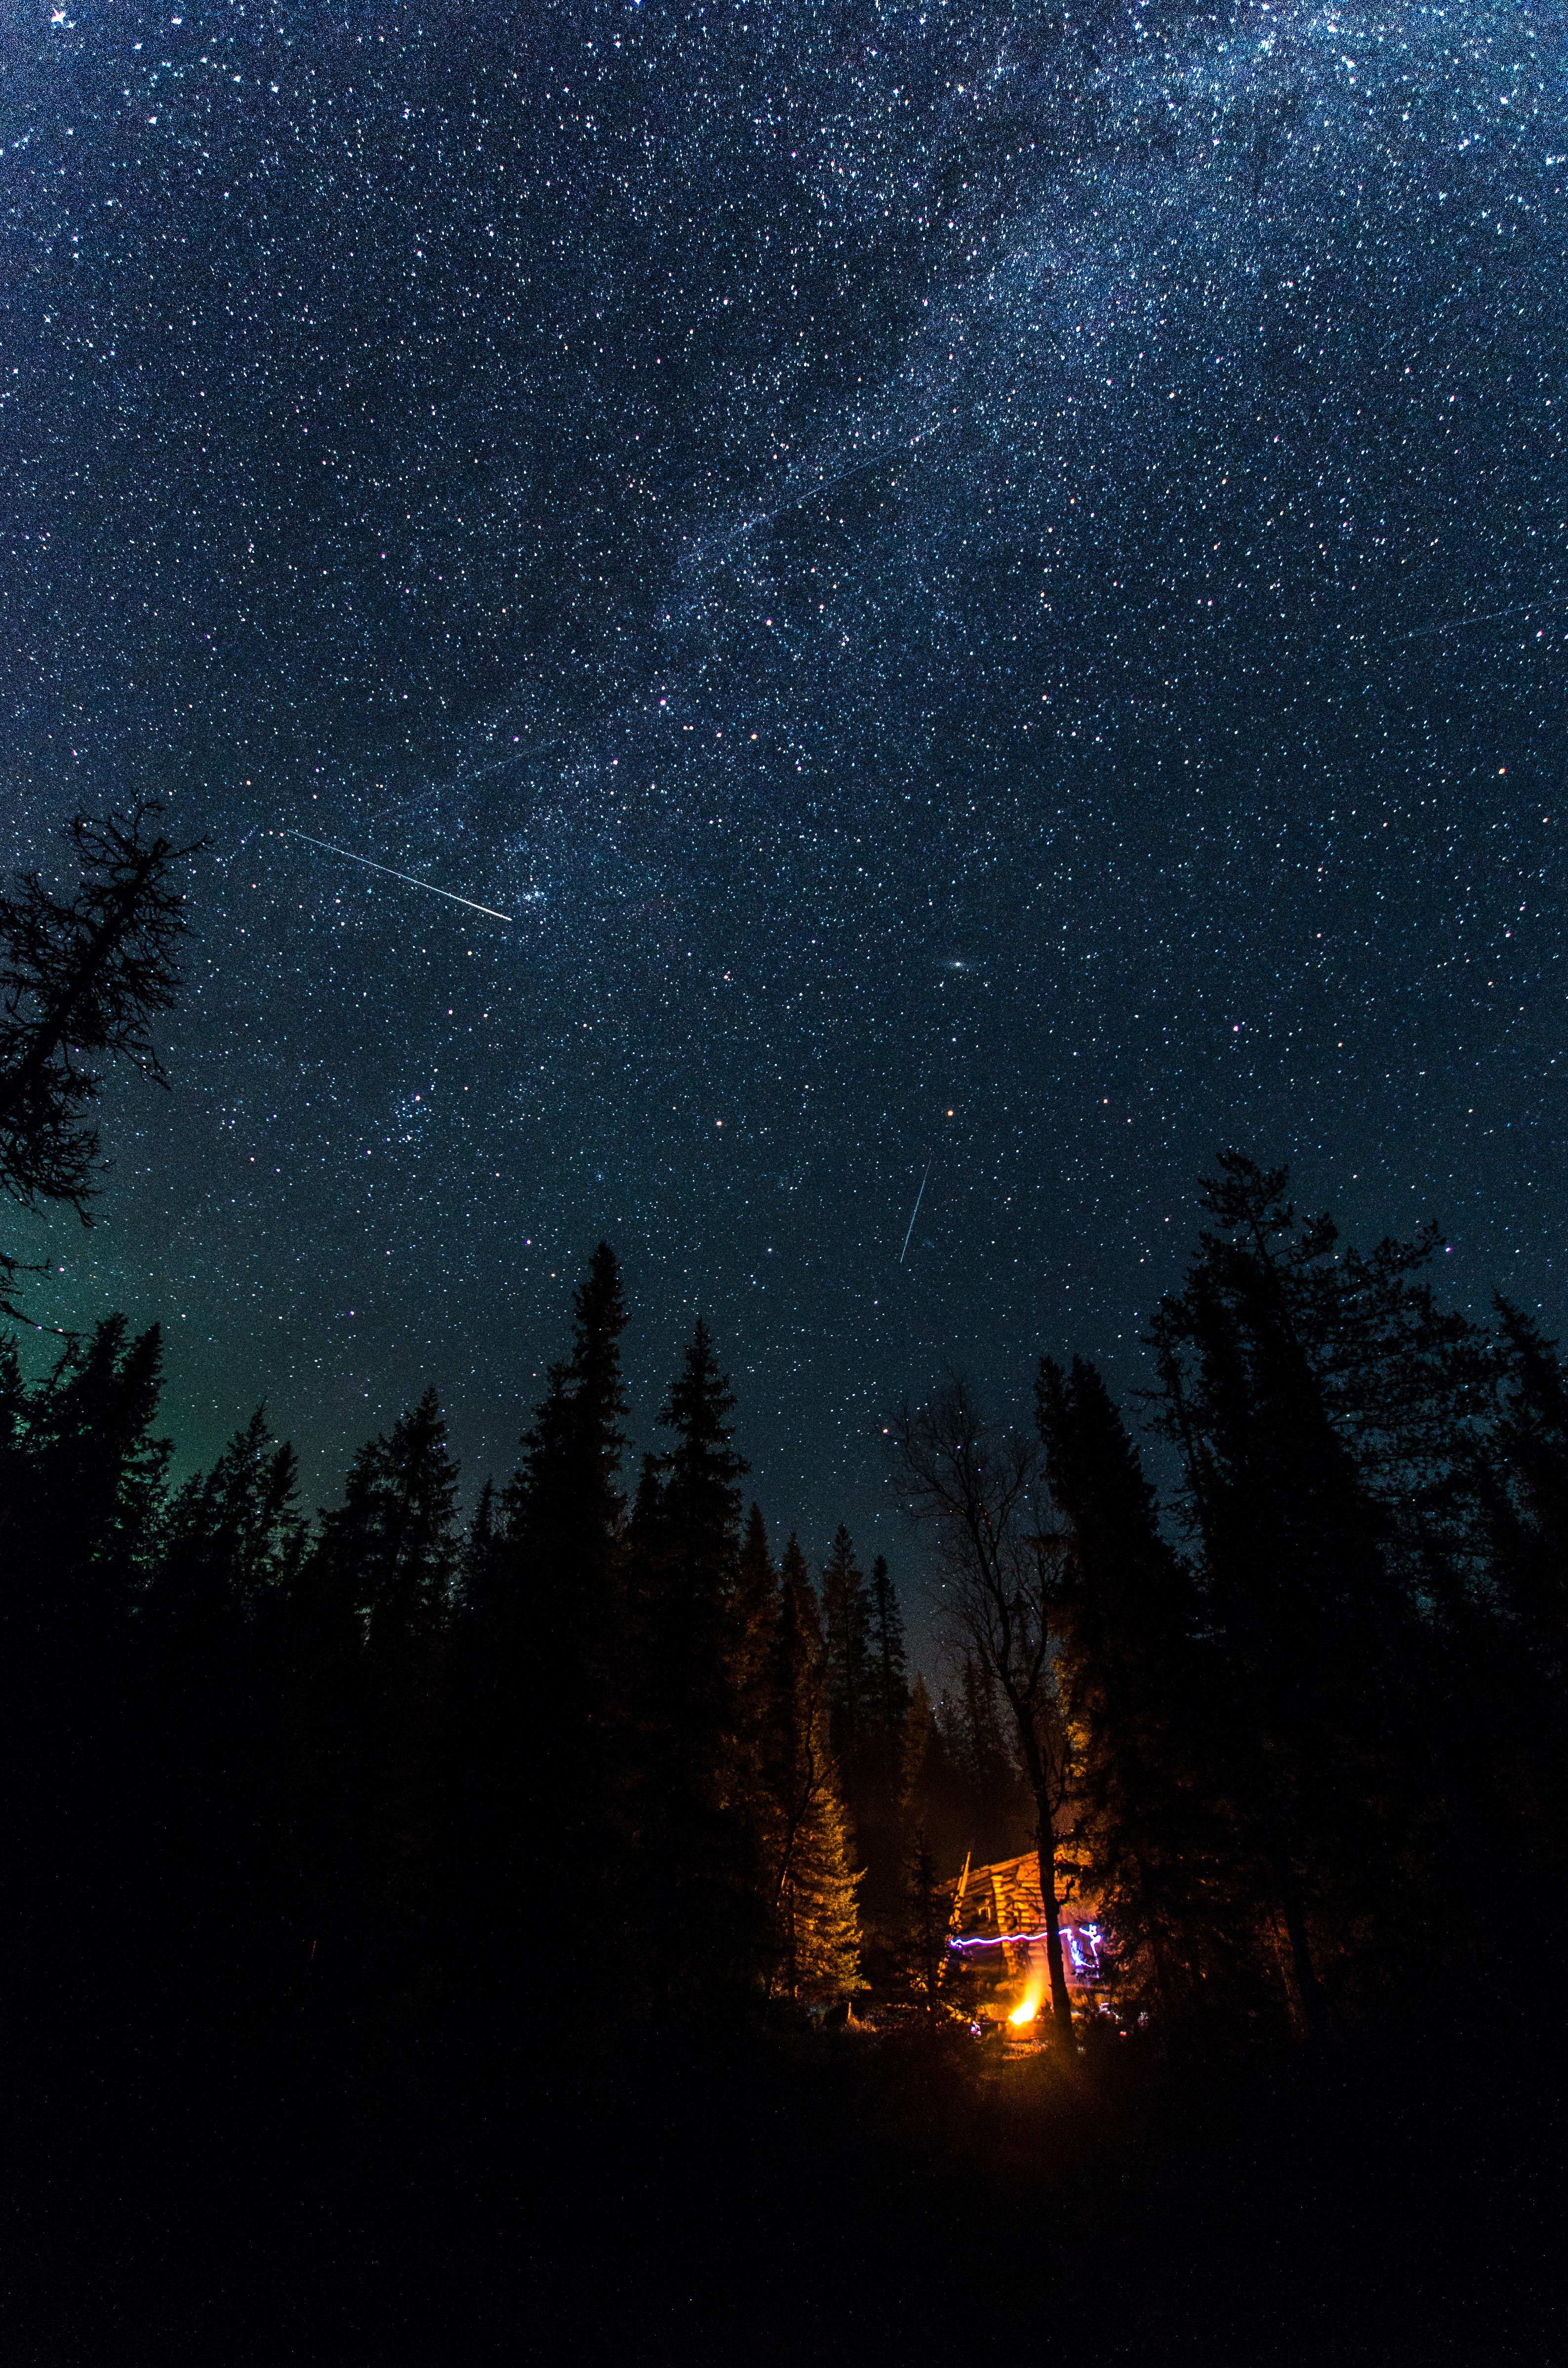 154165 скачать обои Темные, Ночь, Костер, Ель, Звездное Небо, Звезды - заставки и картинки бесплатно